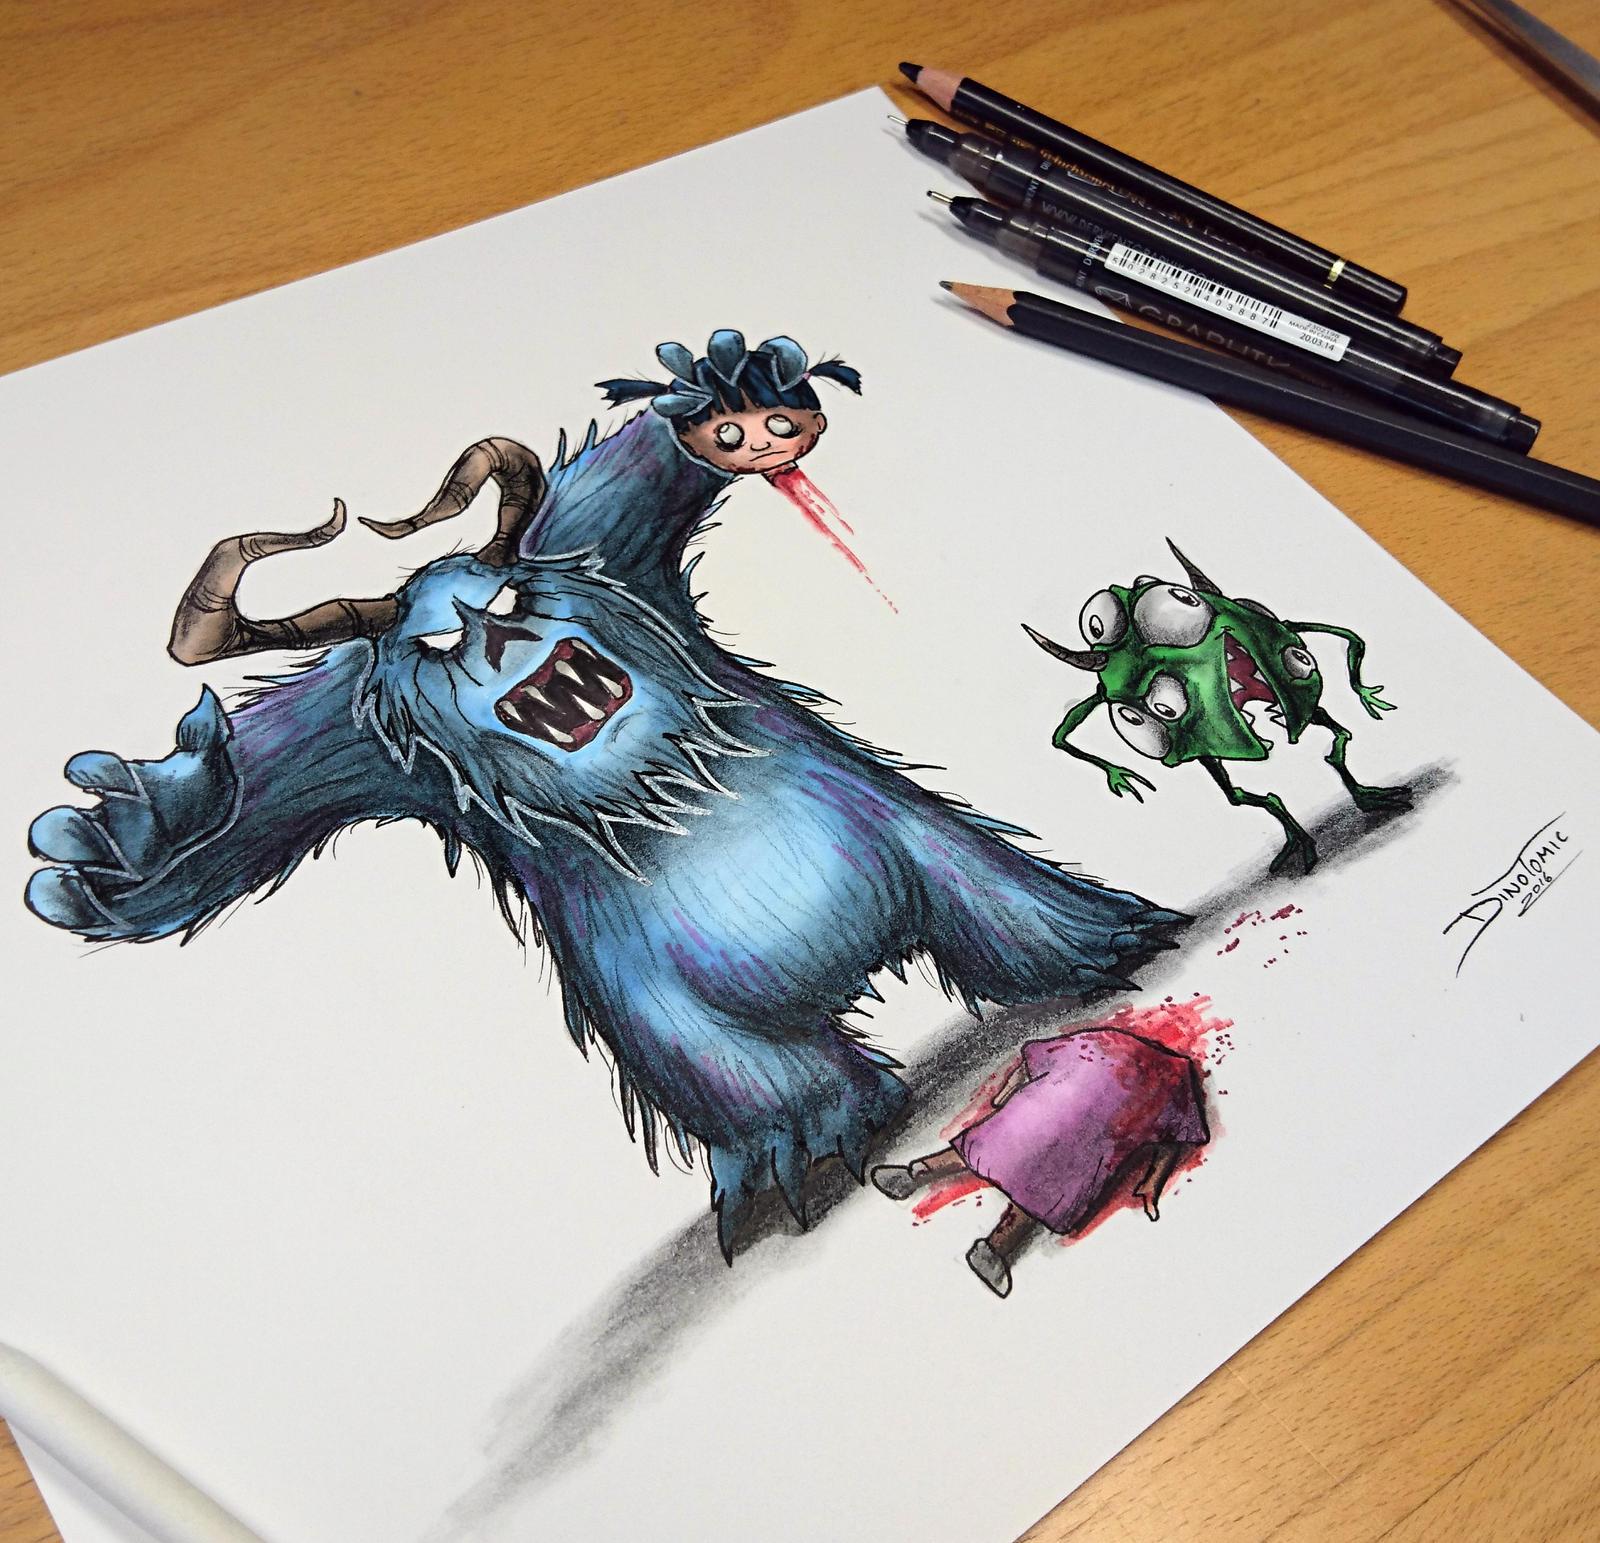 Monsters Inc creepyfied